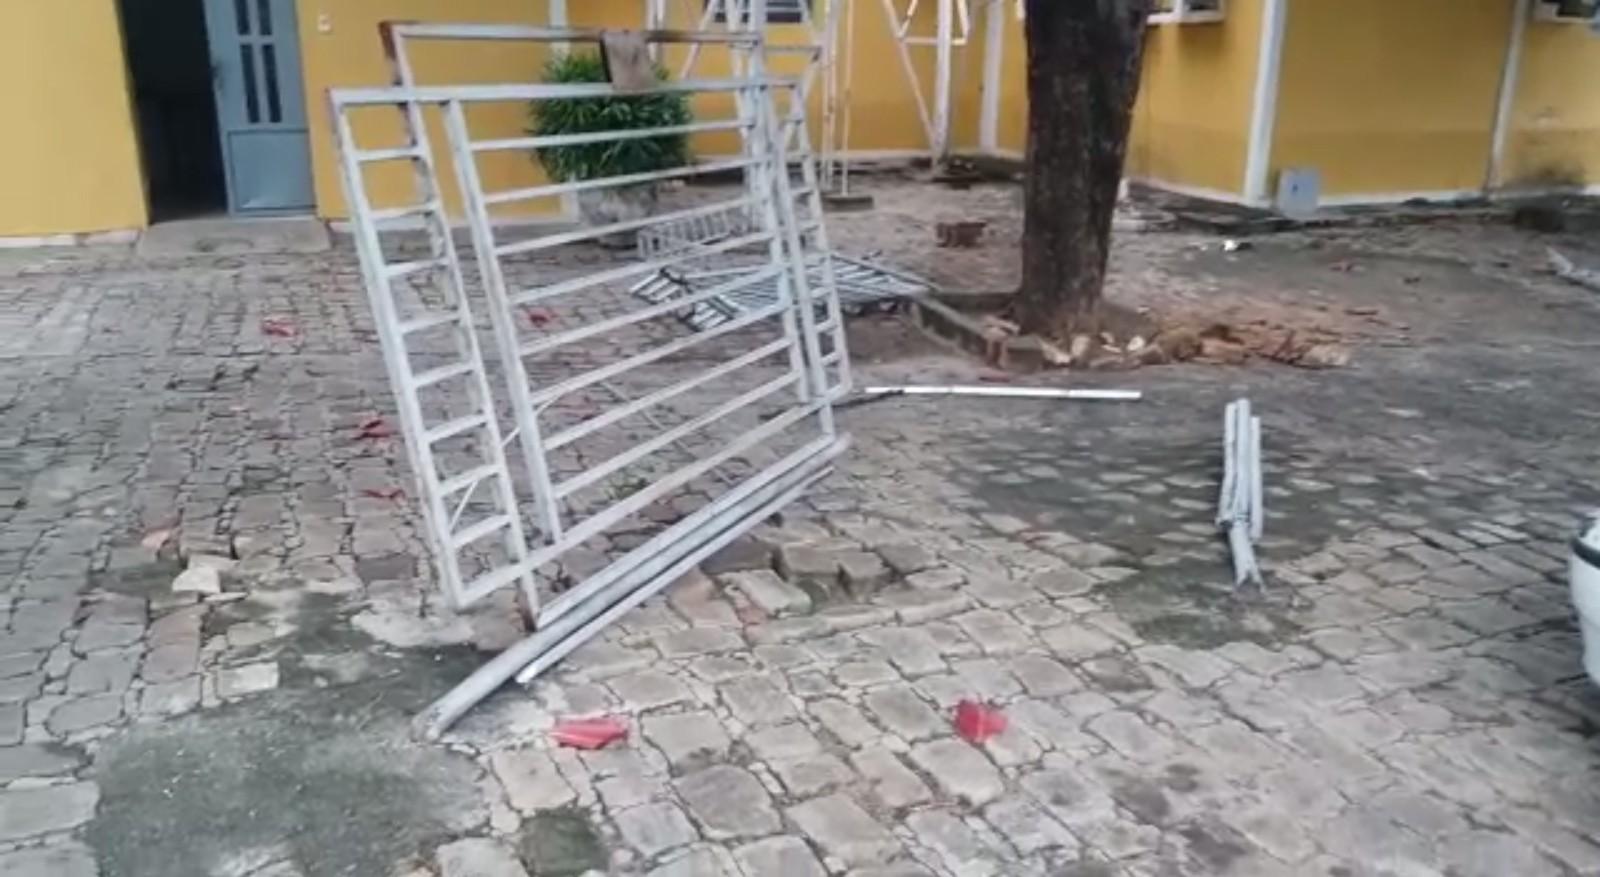 Caminhonete desgovernada derruba grade de proteção e muro da sede da TV Clube em Floriano